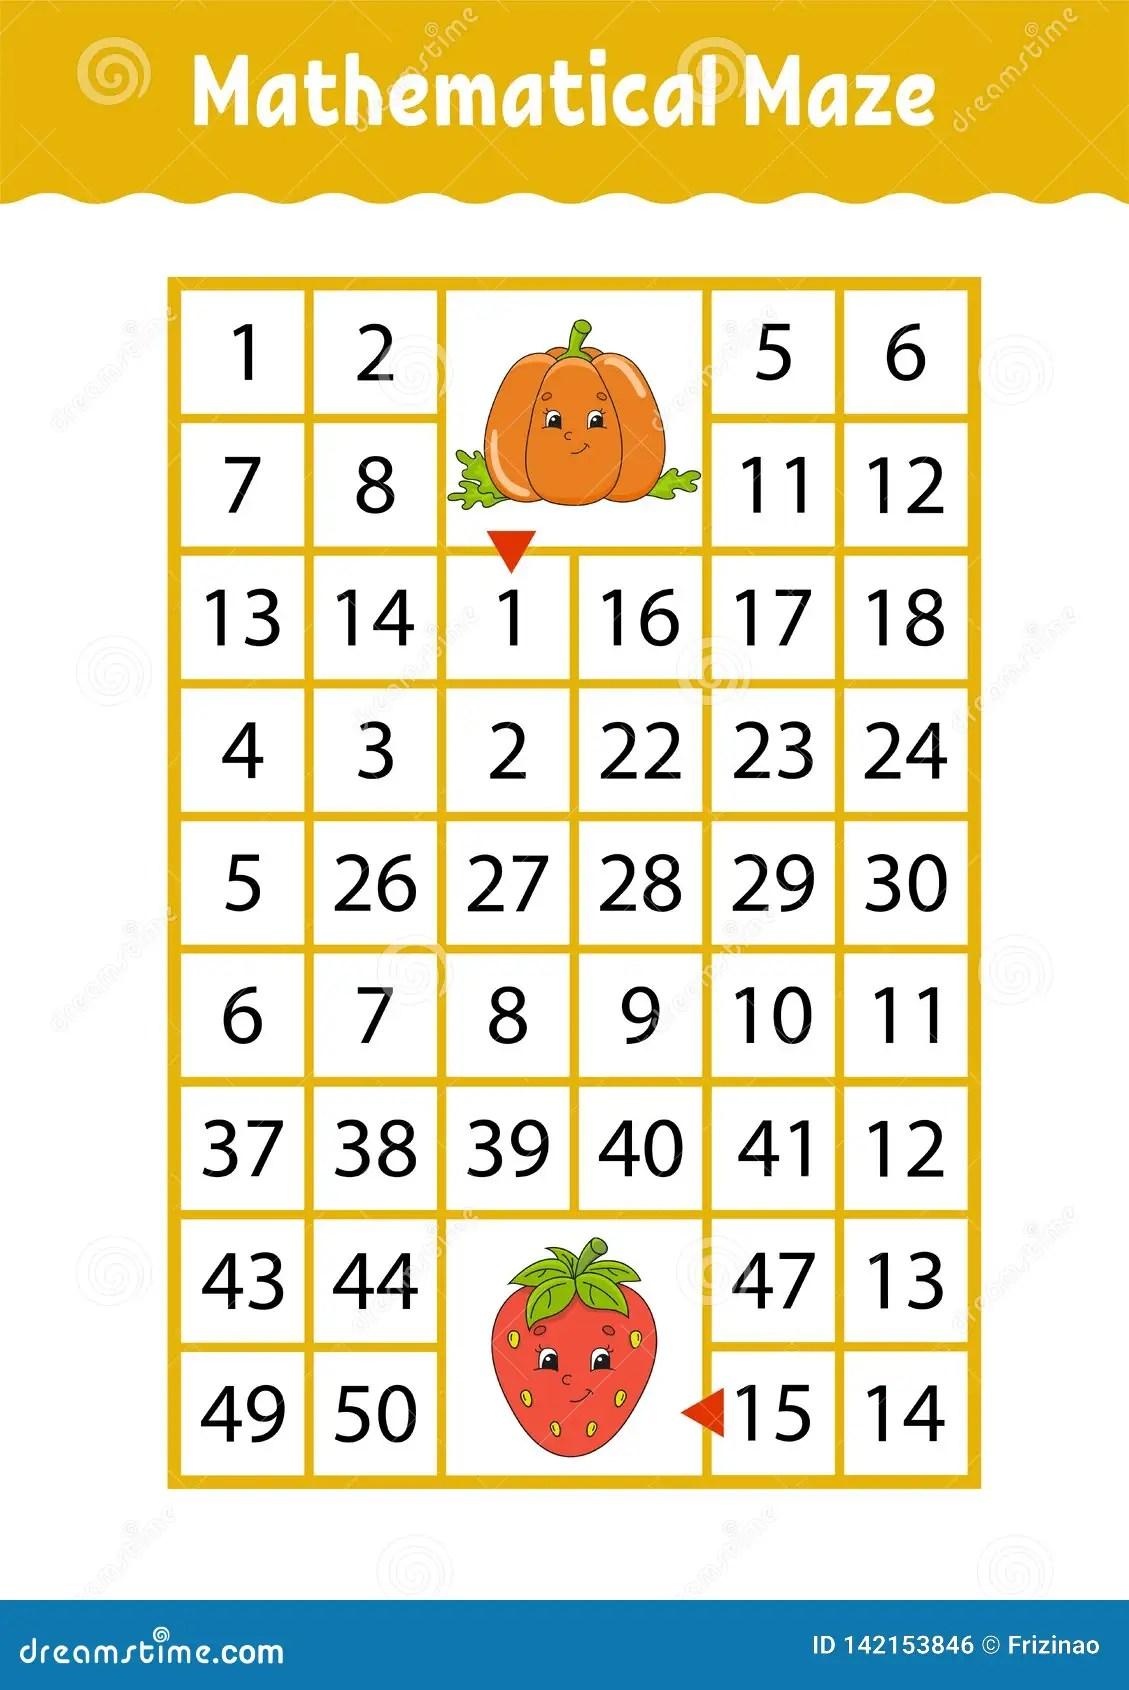 Preschool Number Maze Worksheet